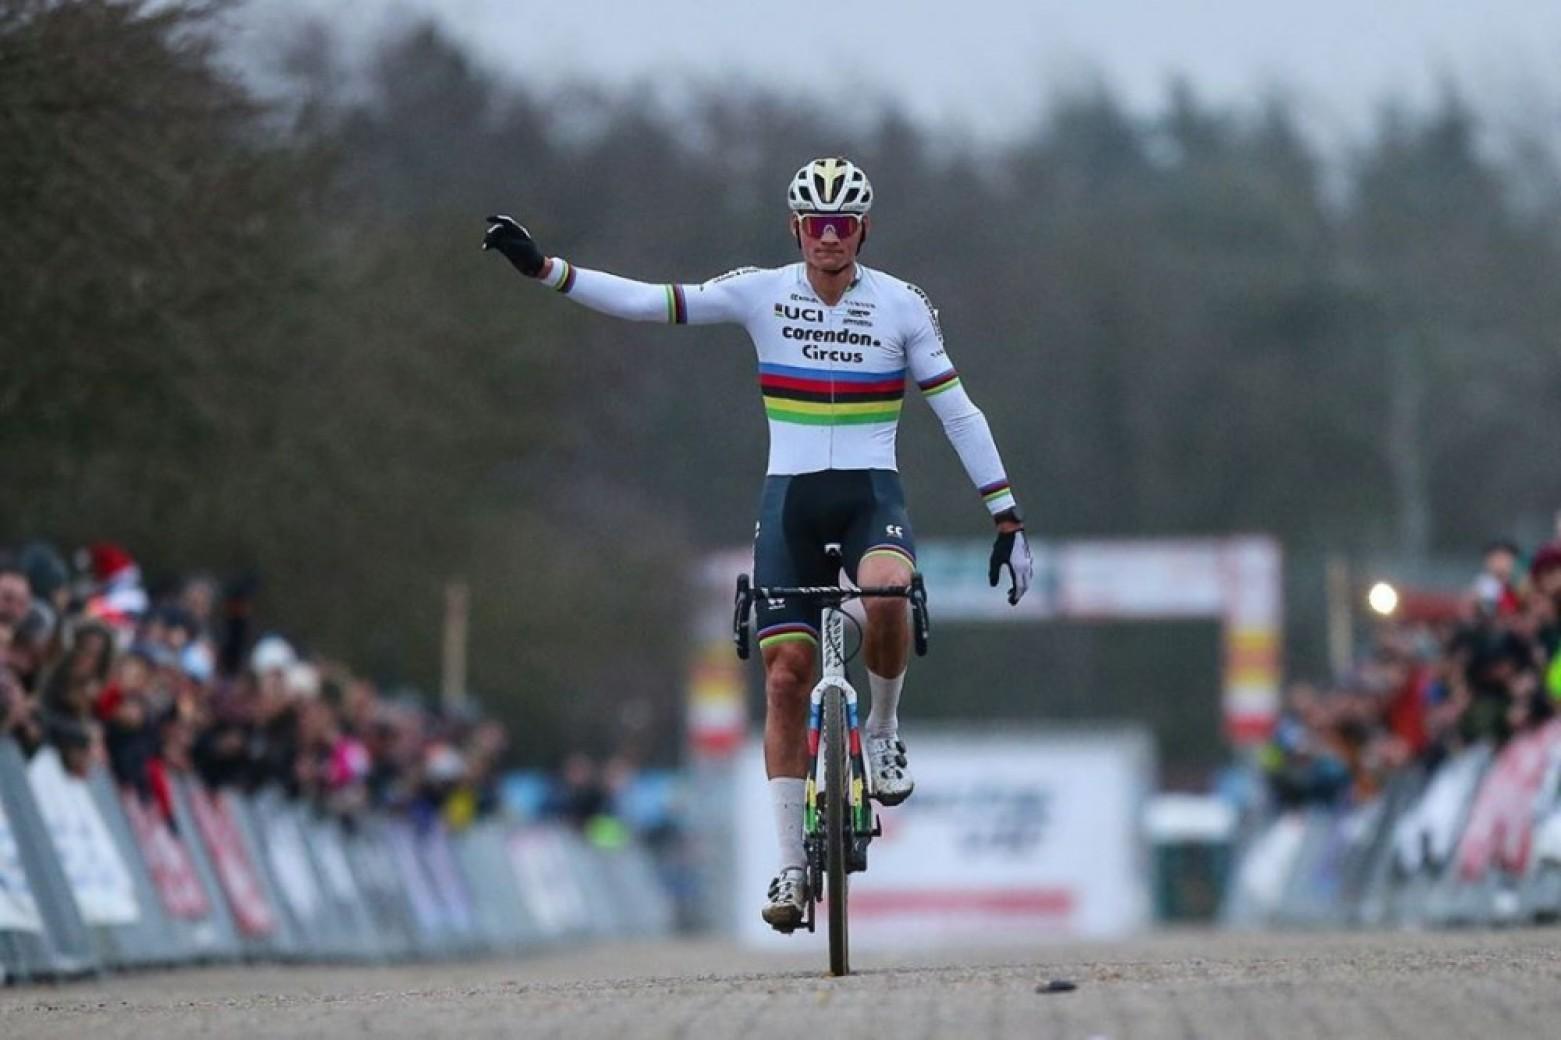 alpecin-patrocinador-mundial-ciclismo-2021/